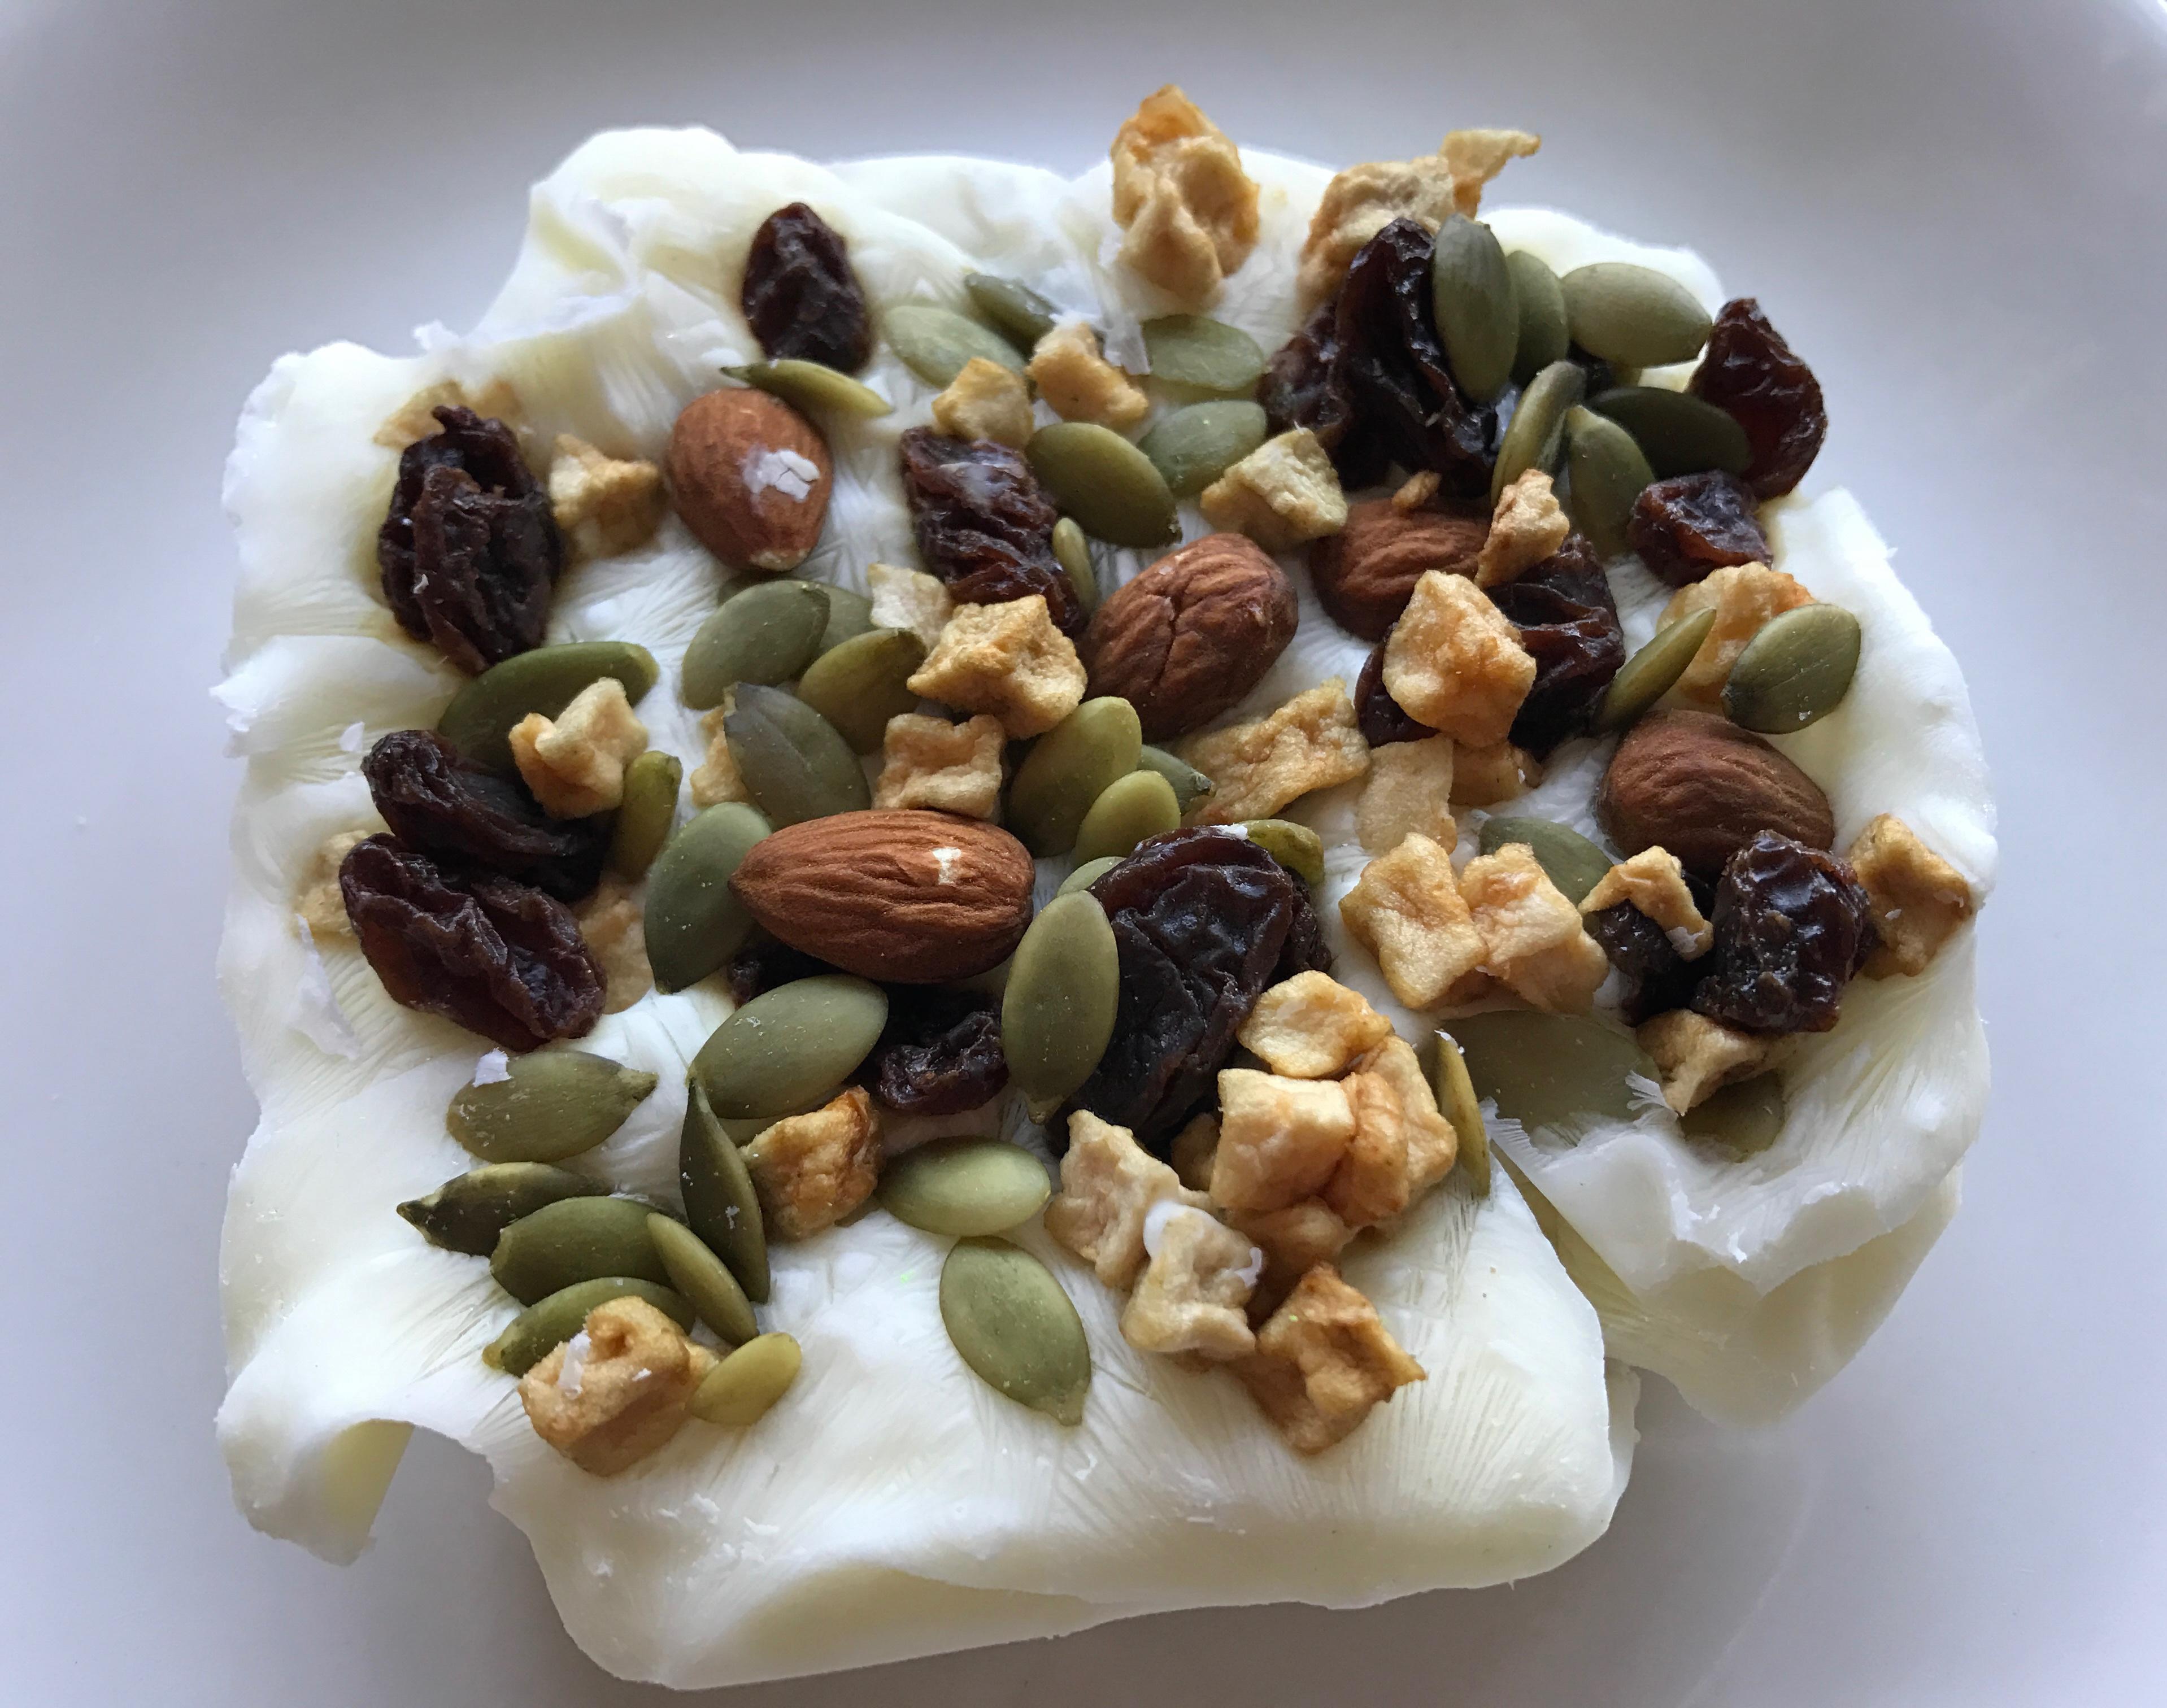 4-Ingredient Frozen Yogurt Trail Mix Breakfast Bar